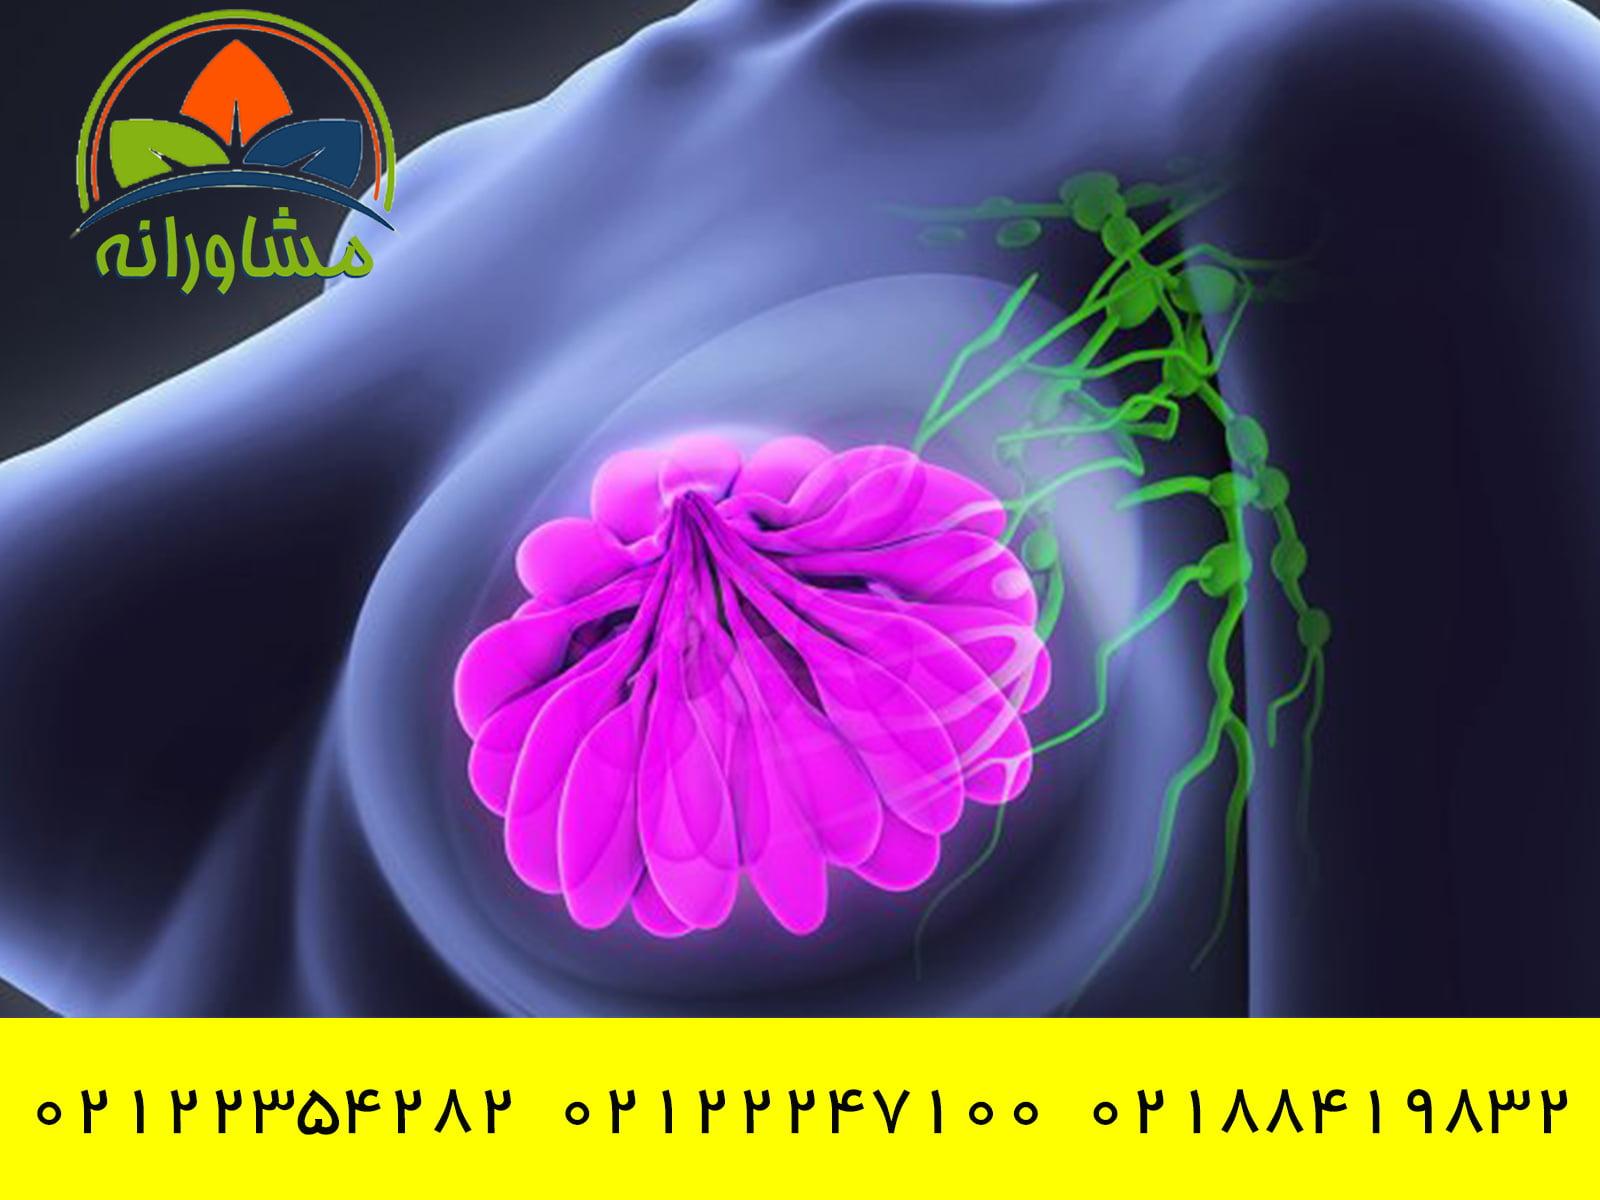 اختلالات مرتبط با سرطان سینه مشاورانه